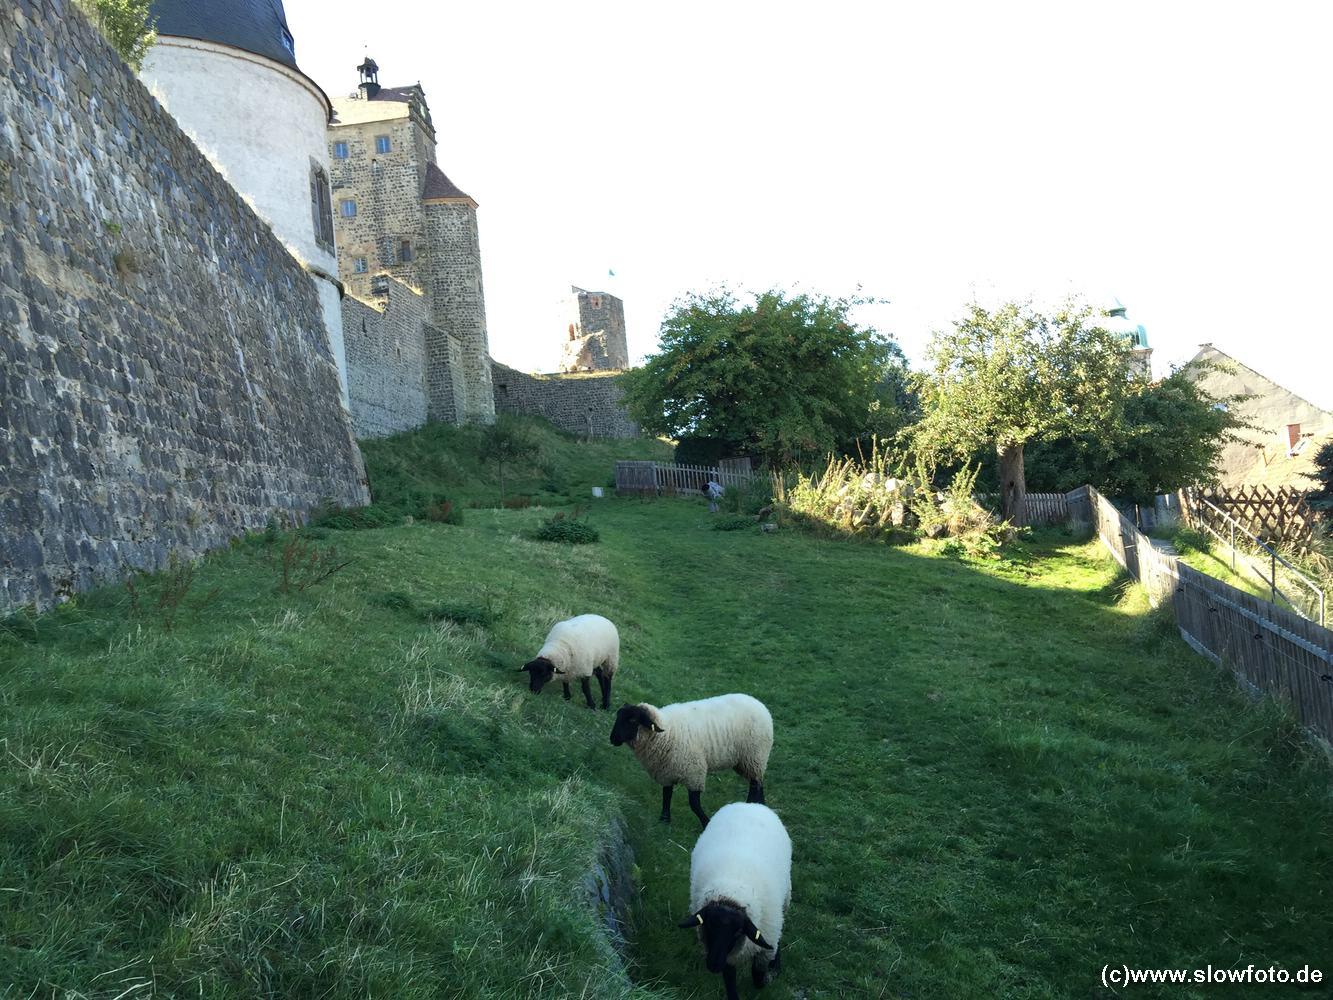 heute dürfen die Schafe hier friedlich grasen